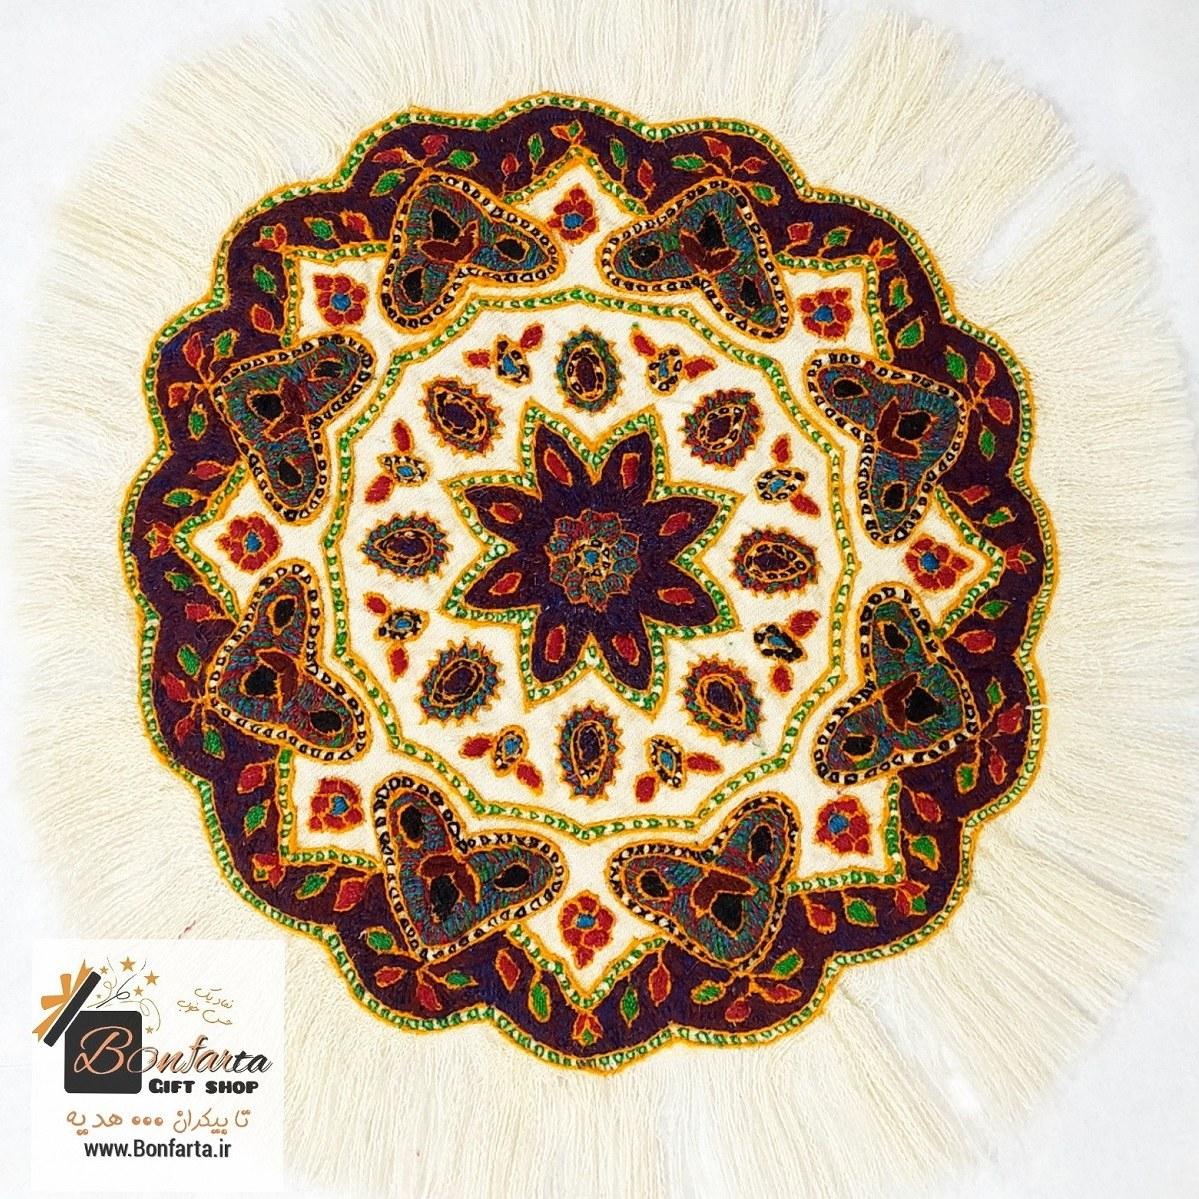 تصویر رومیزی گرد پته کرمان طرح ترنج سفید بزرگ